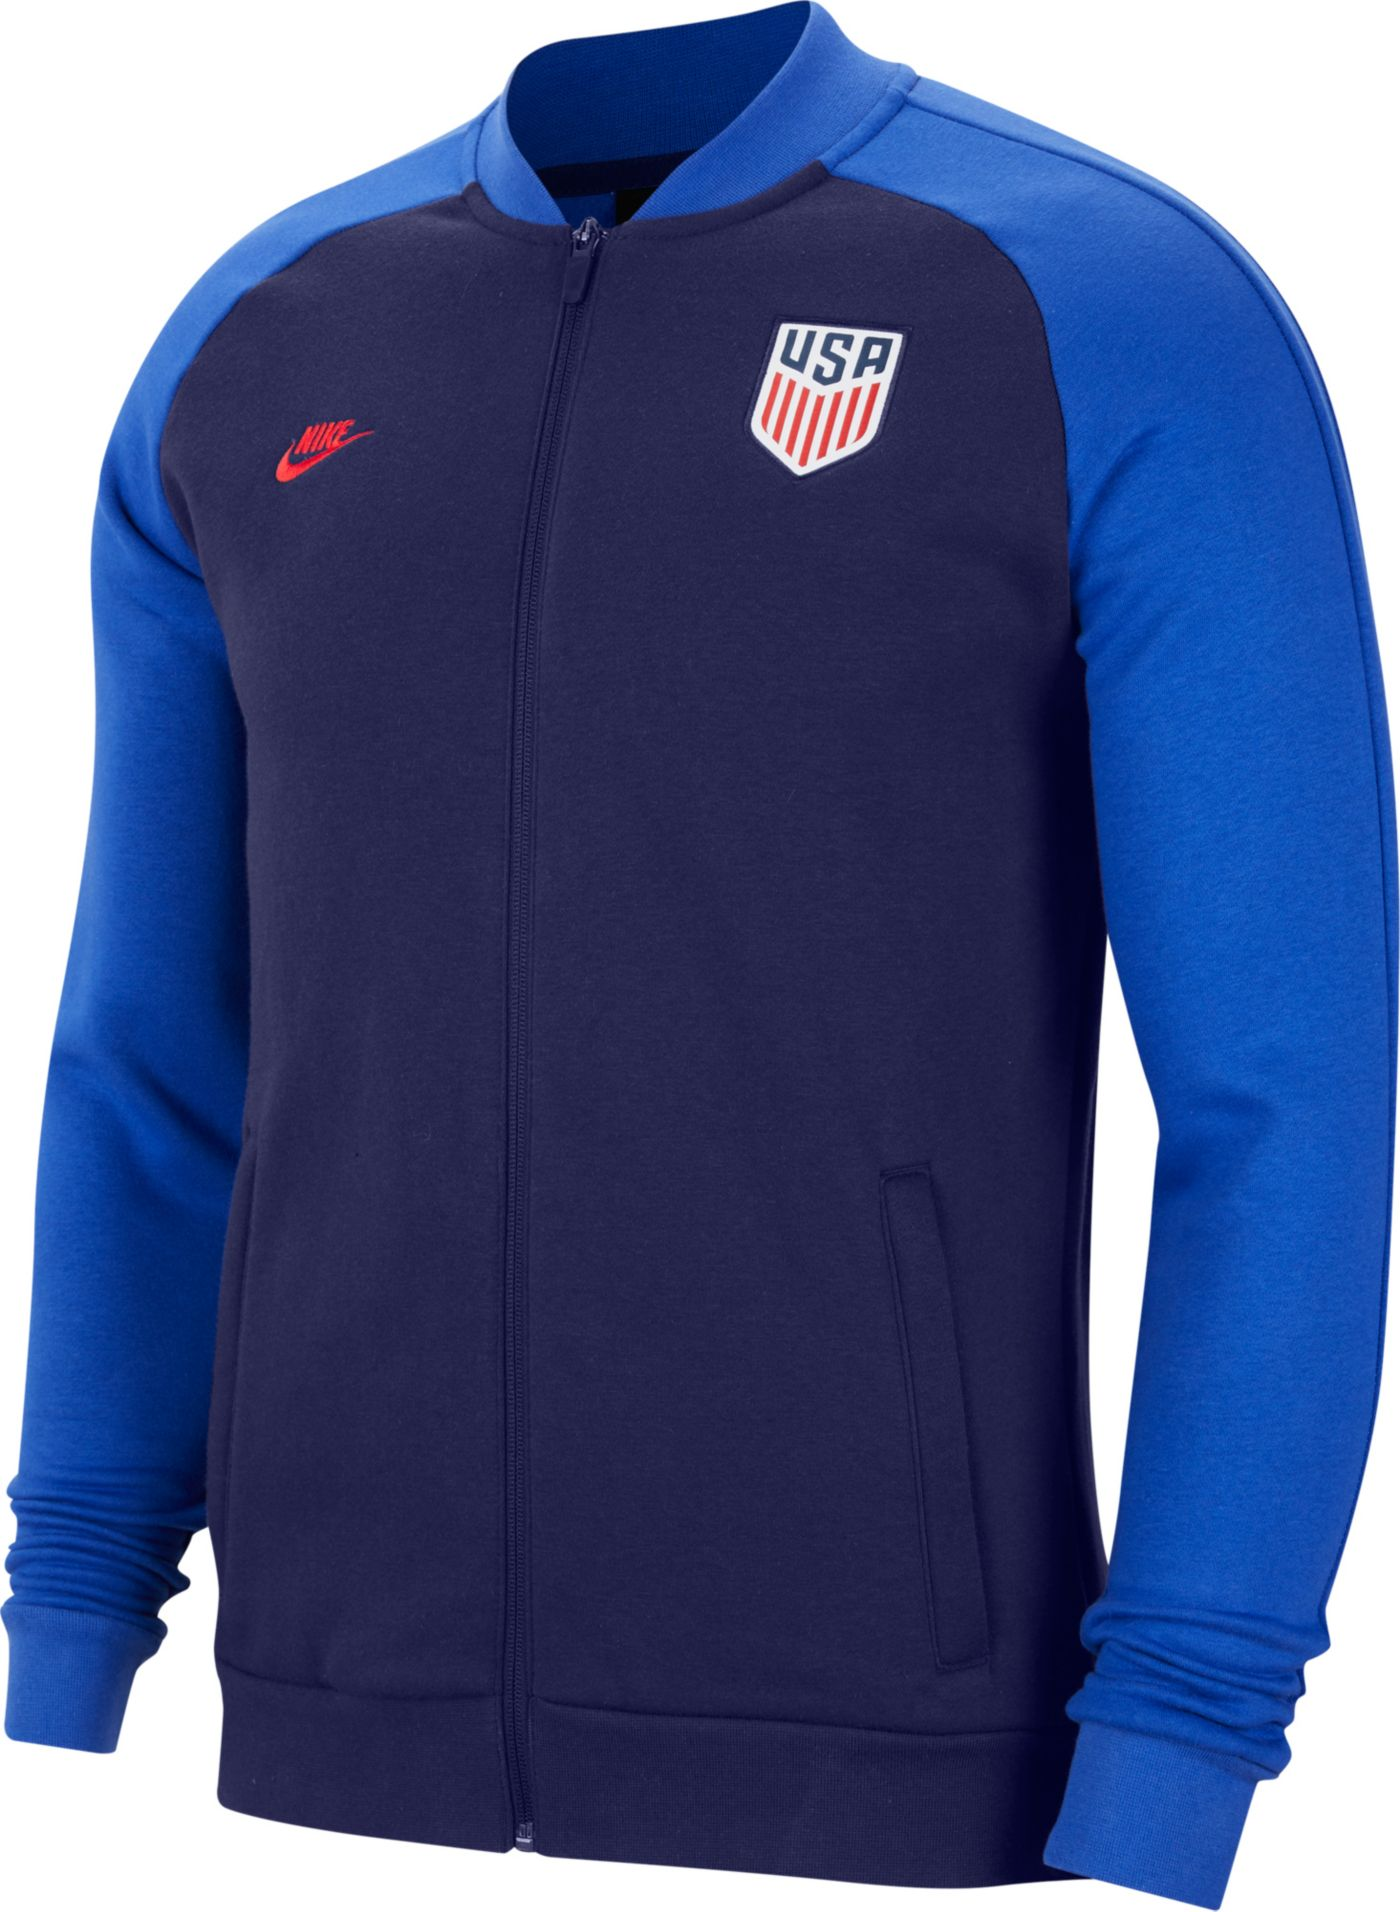 Nike Men's USA Soccer Blue Track Jacket